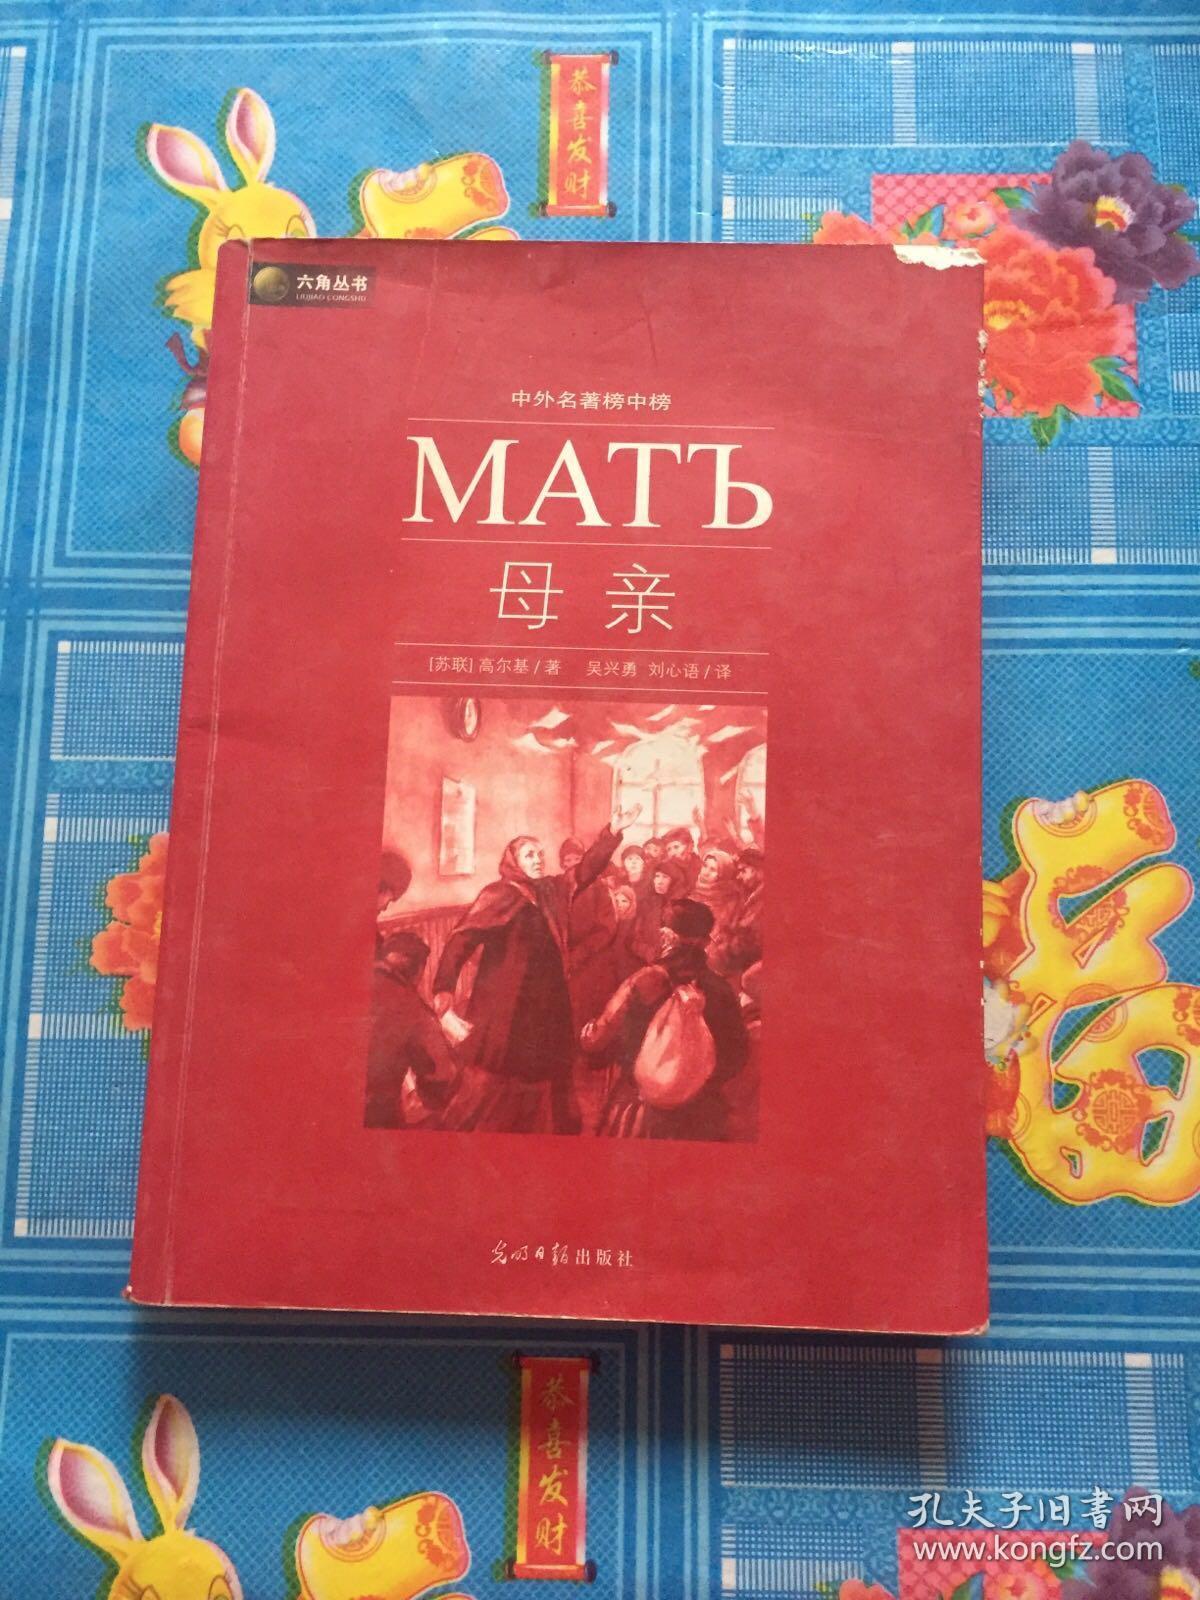 六角丛书·中外名著榜中榜:母亲